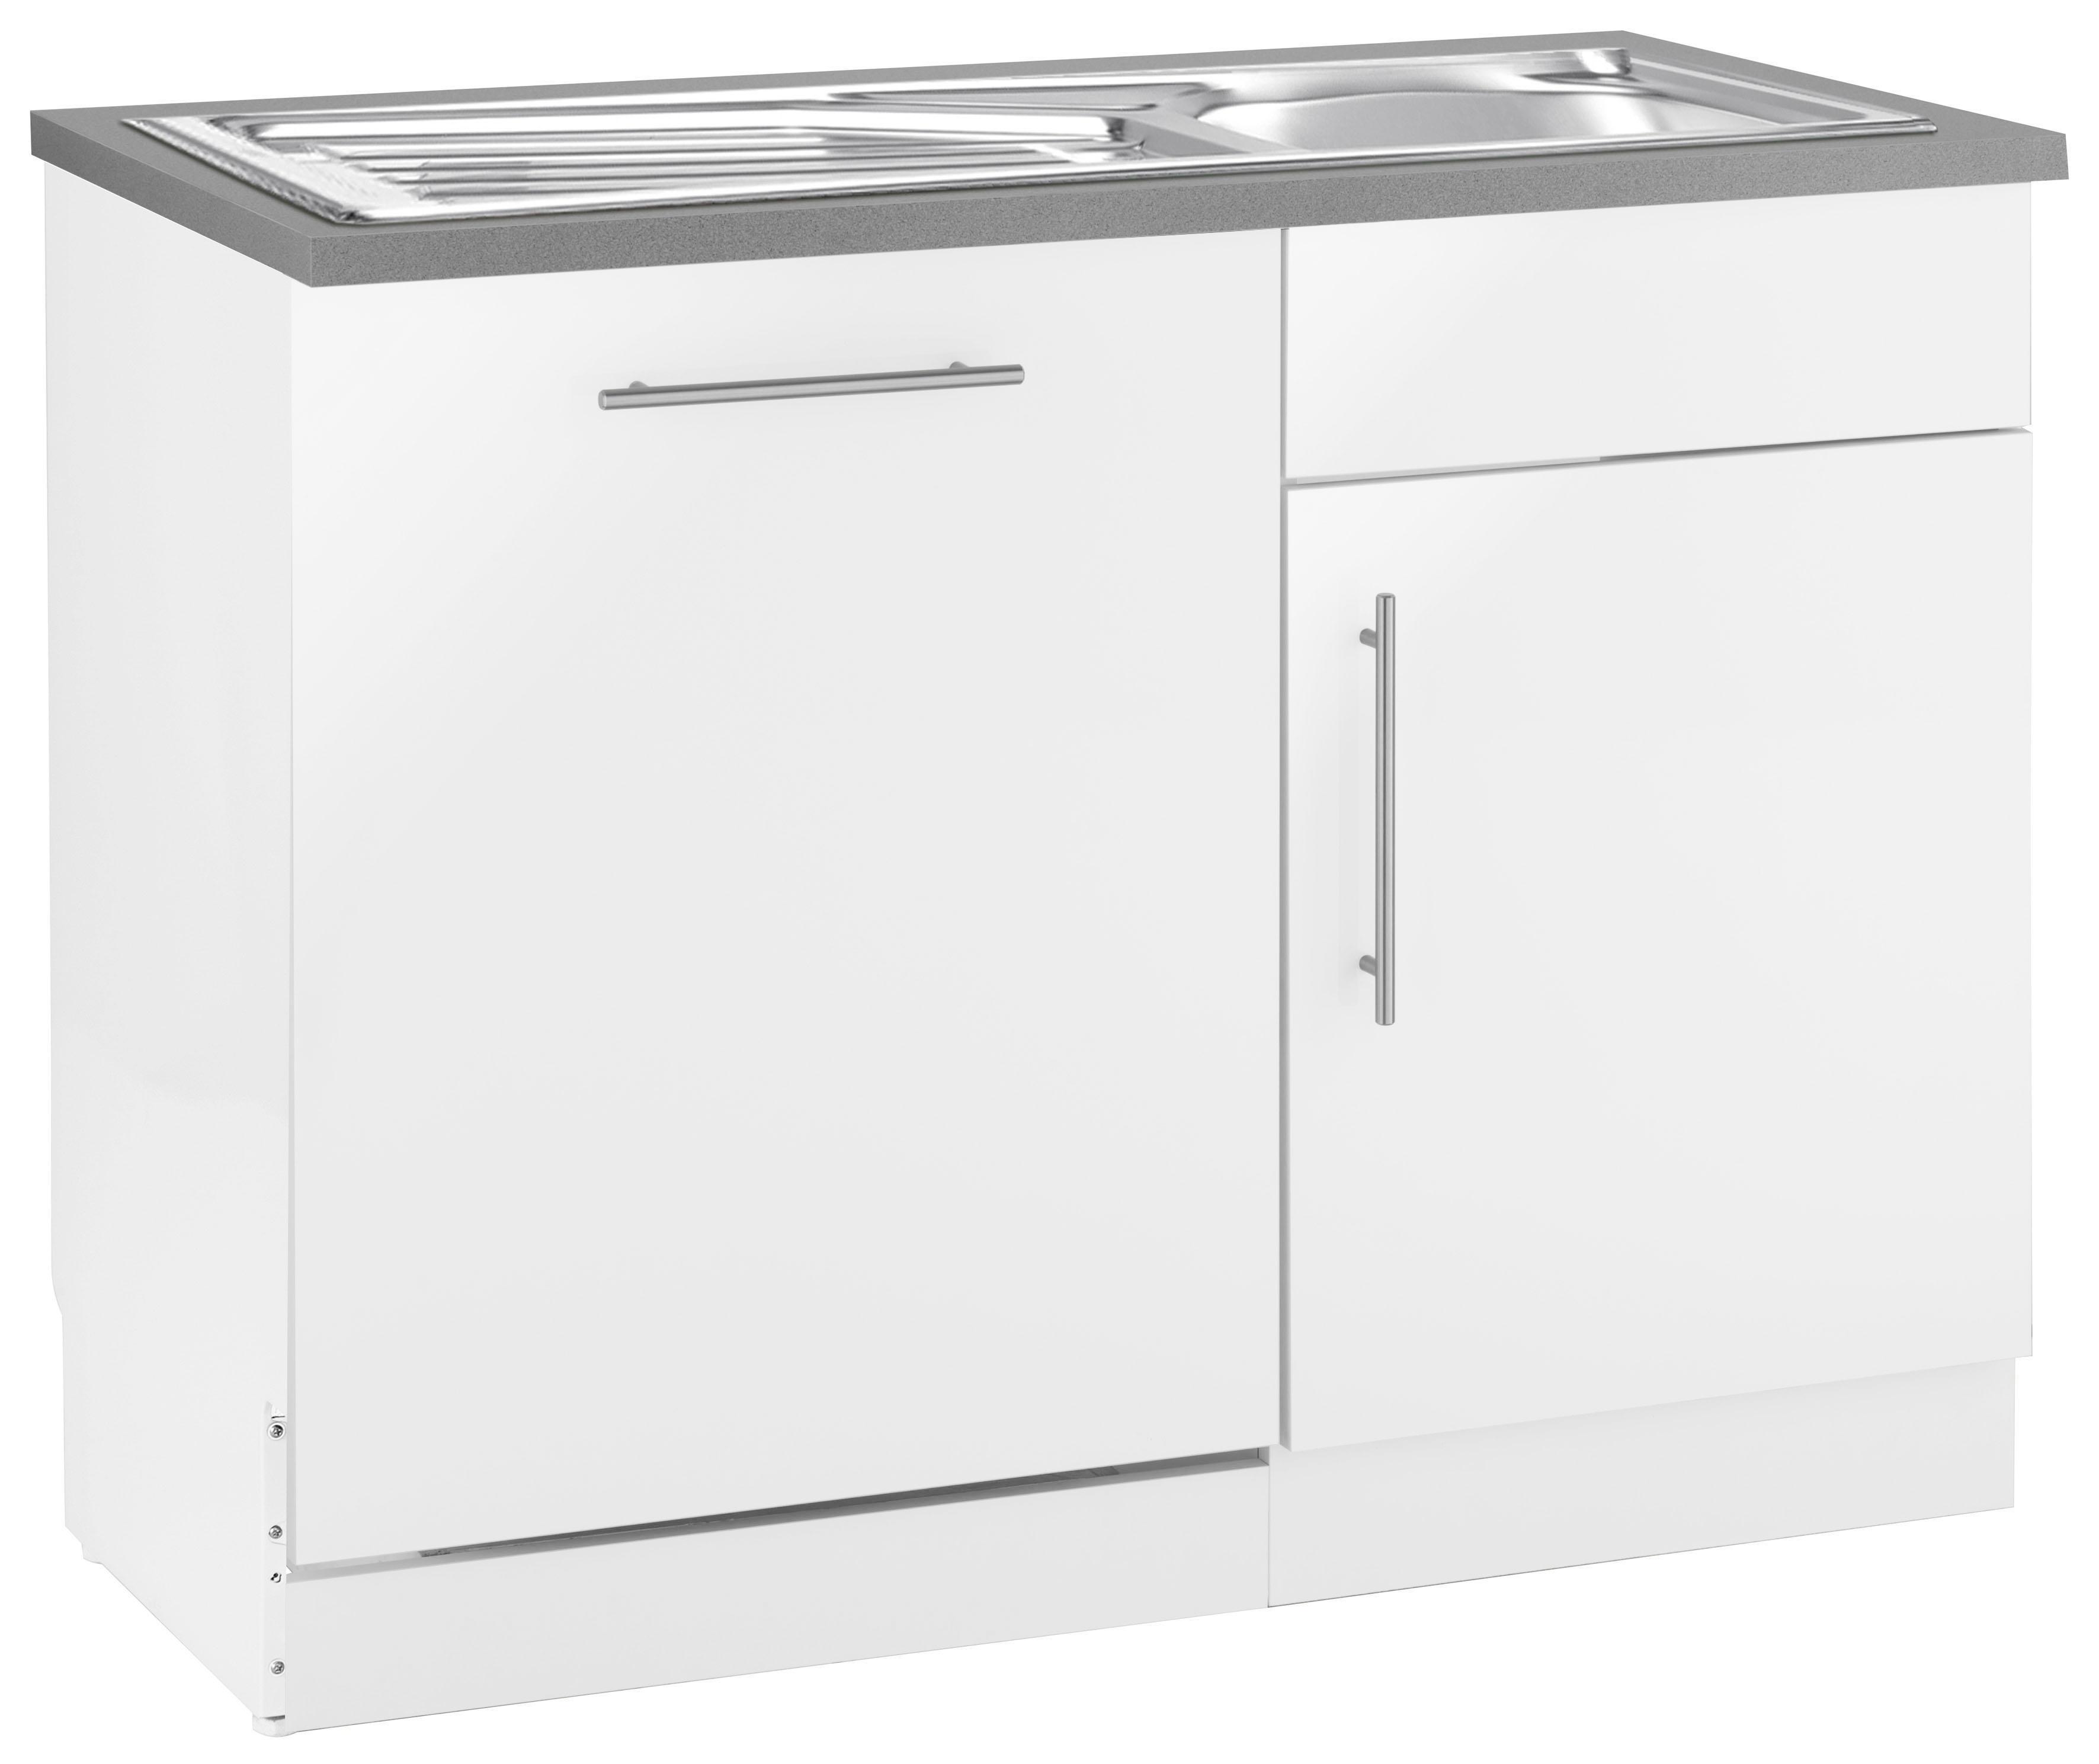 wiho Küchen Spülenschrank Cali, 110 cm breit, inkl. Tür/Sockel für Geschirrspüler weiß Spülenschränke Küchenschränke Küchenmöbel